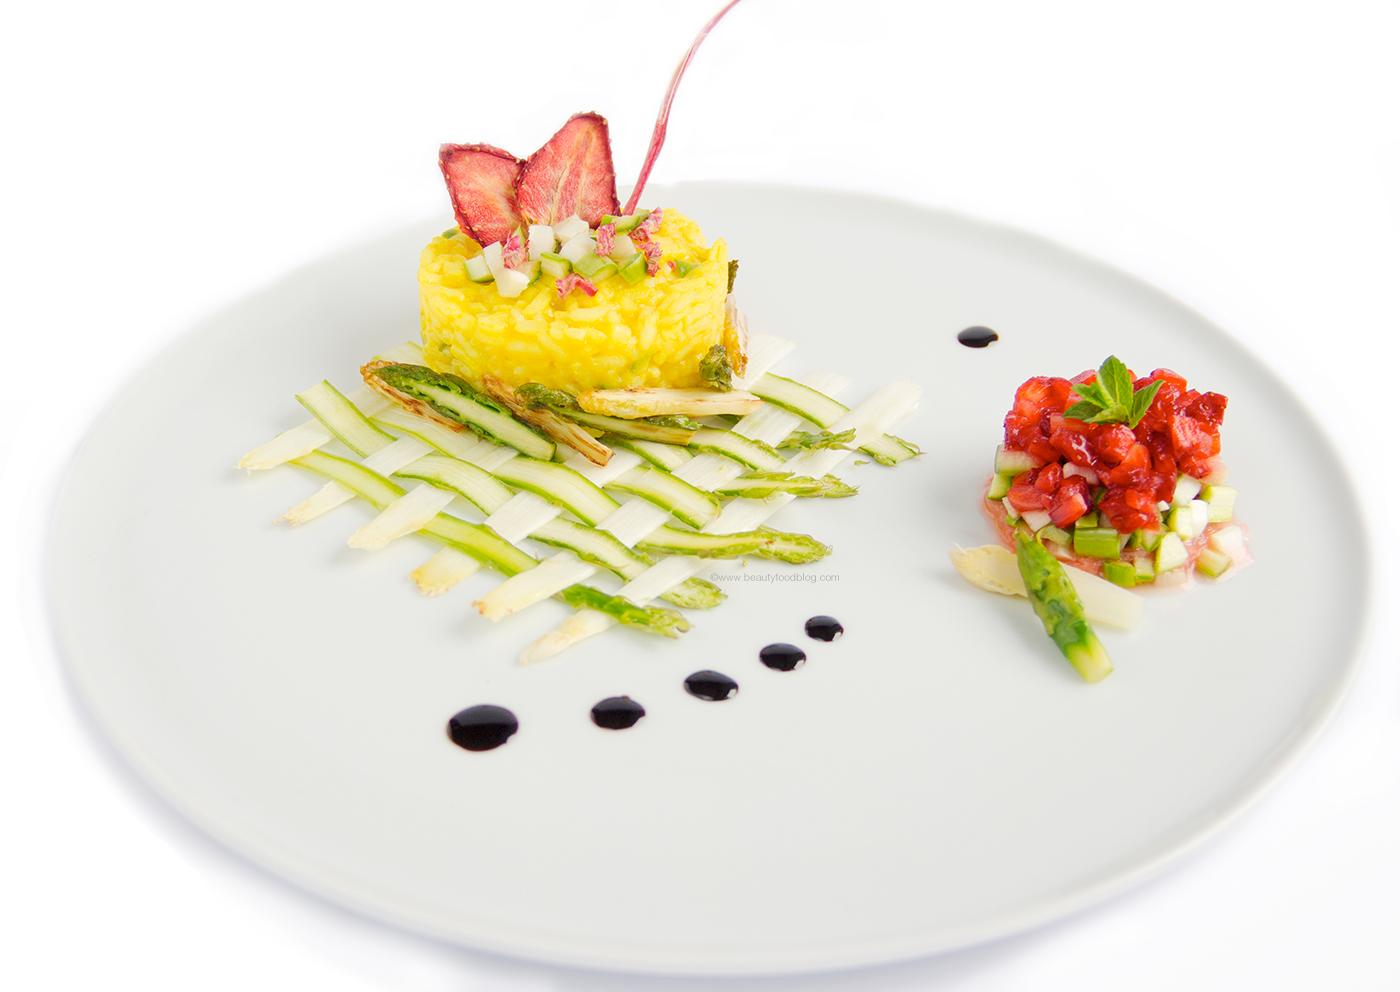 risotto vegan alla curcuma e burro di cacao con asparagi fragole e rabarbaro - vegan strawberry rhubarb turmeric asparagus risotto